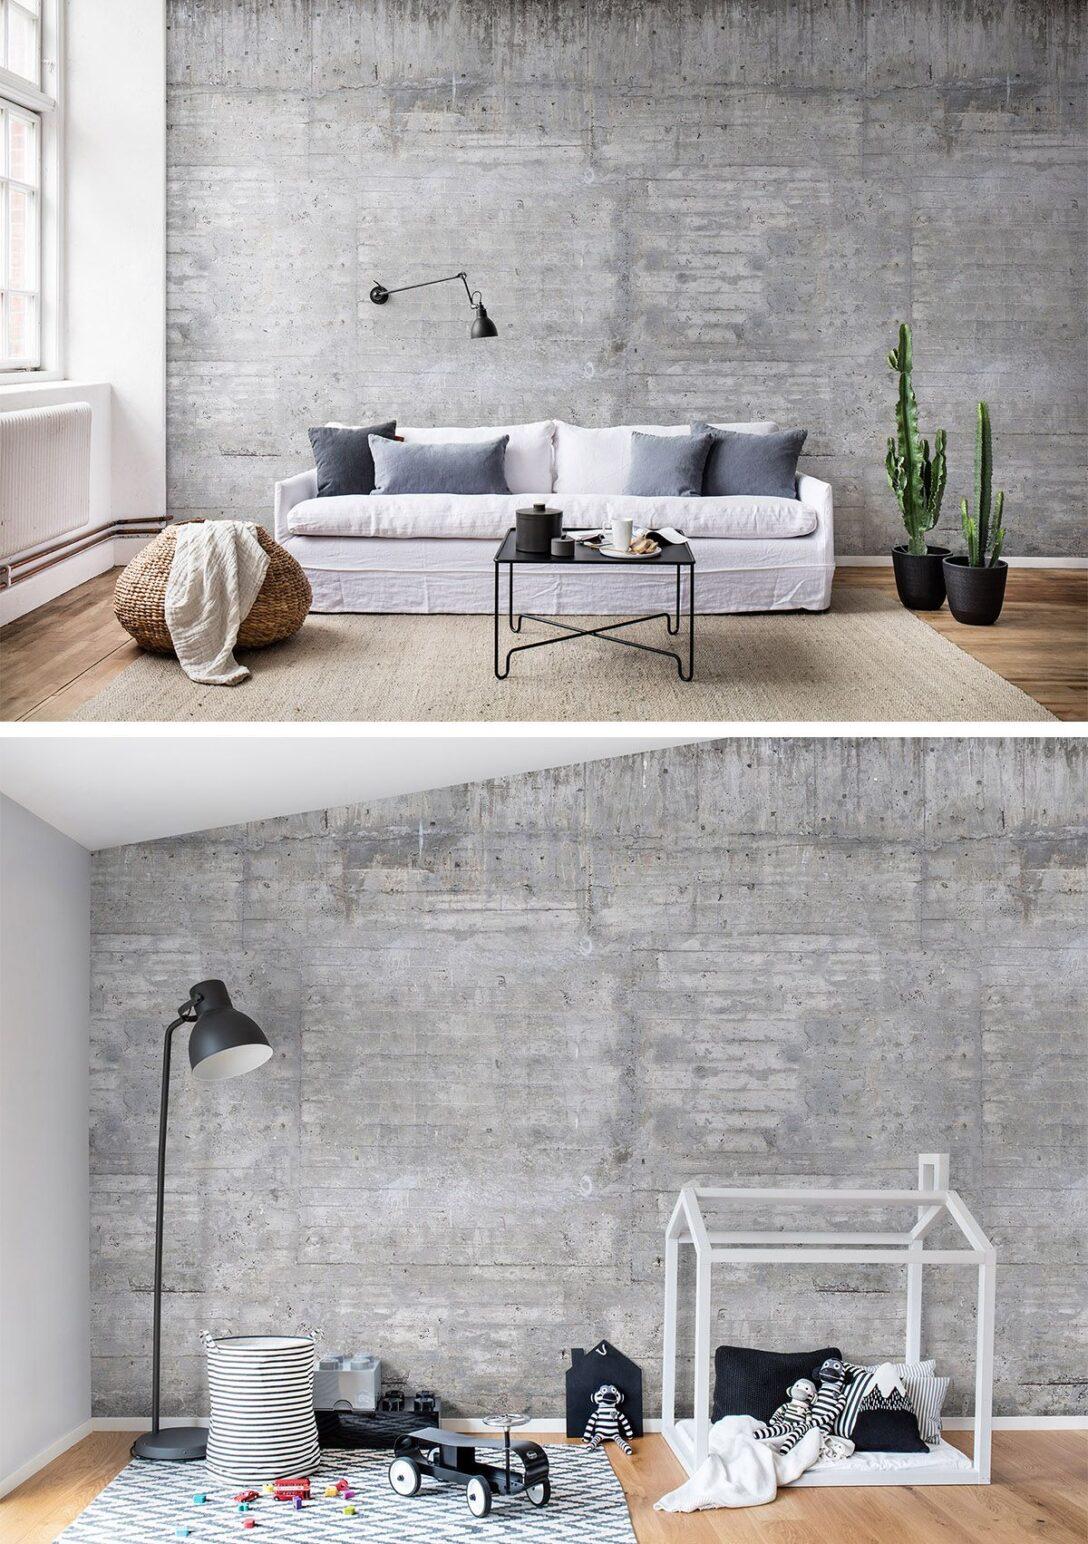 Large Size of Tapeten 2020 Wohnzimmer Moderne Trends Tapetentrends Wooden Concrete In Wandgestaltung Tapete Relaxliege Liege Vorhang Hängelampe Led Deckenleuchte Vinylboden Wohnzimmer Tapeten 2020 Wohnzimmer